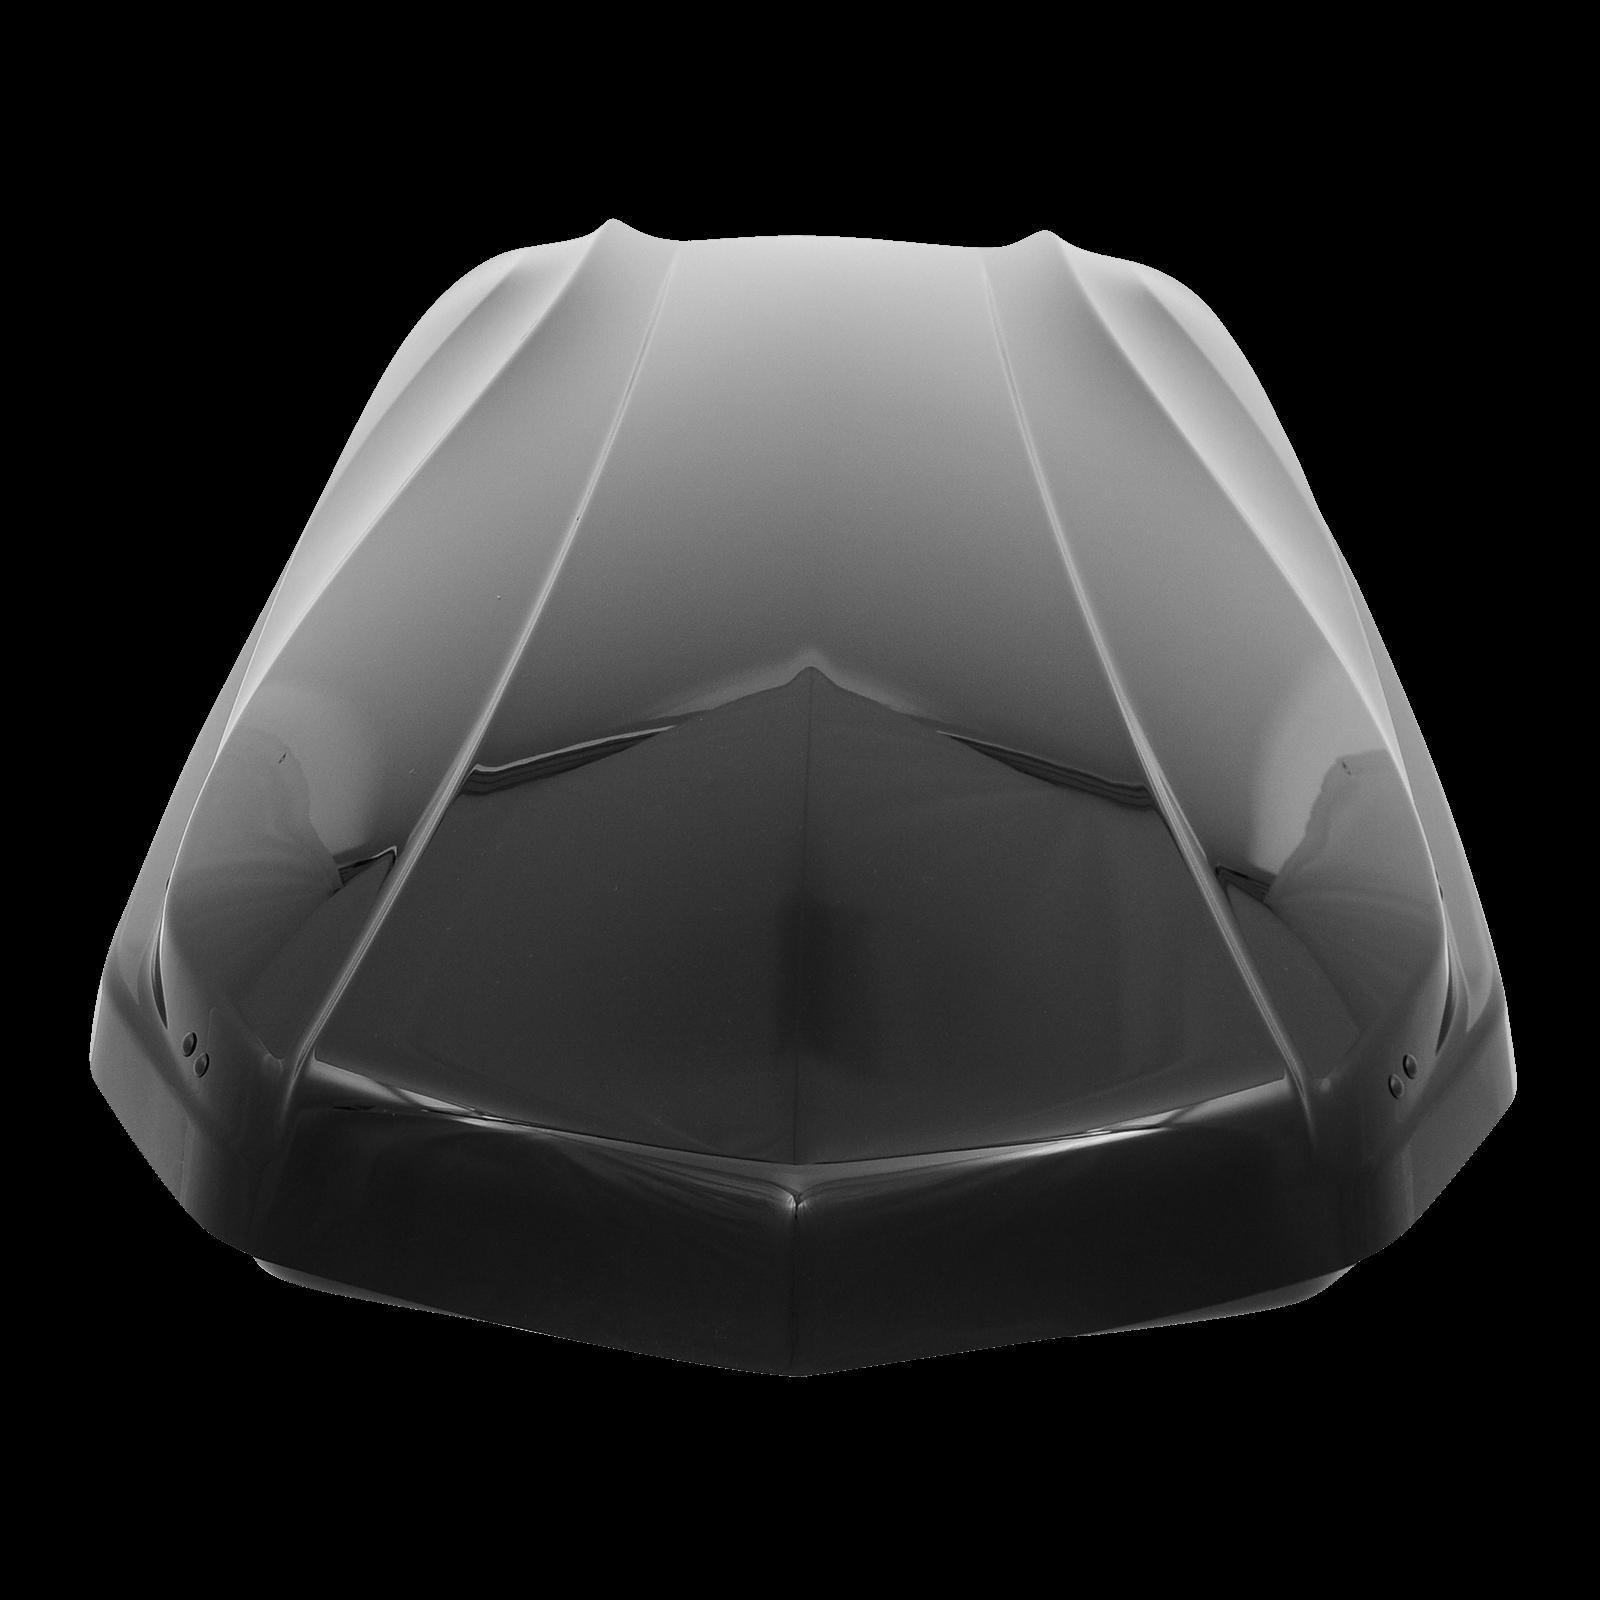 Dachbox Junior Strike 440 schwarz glänzend - Bild 3